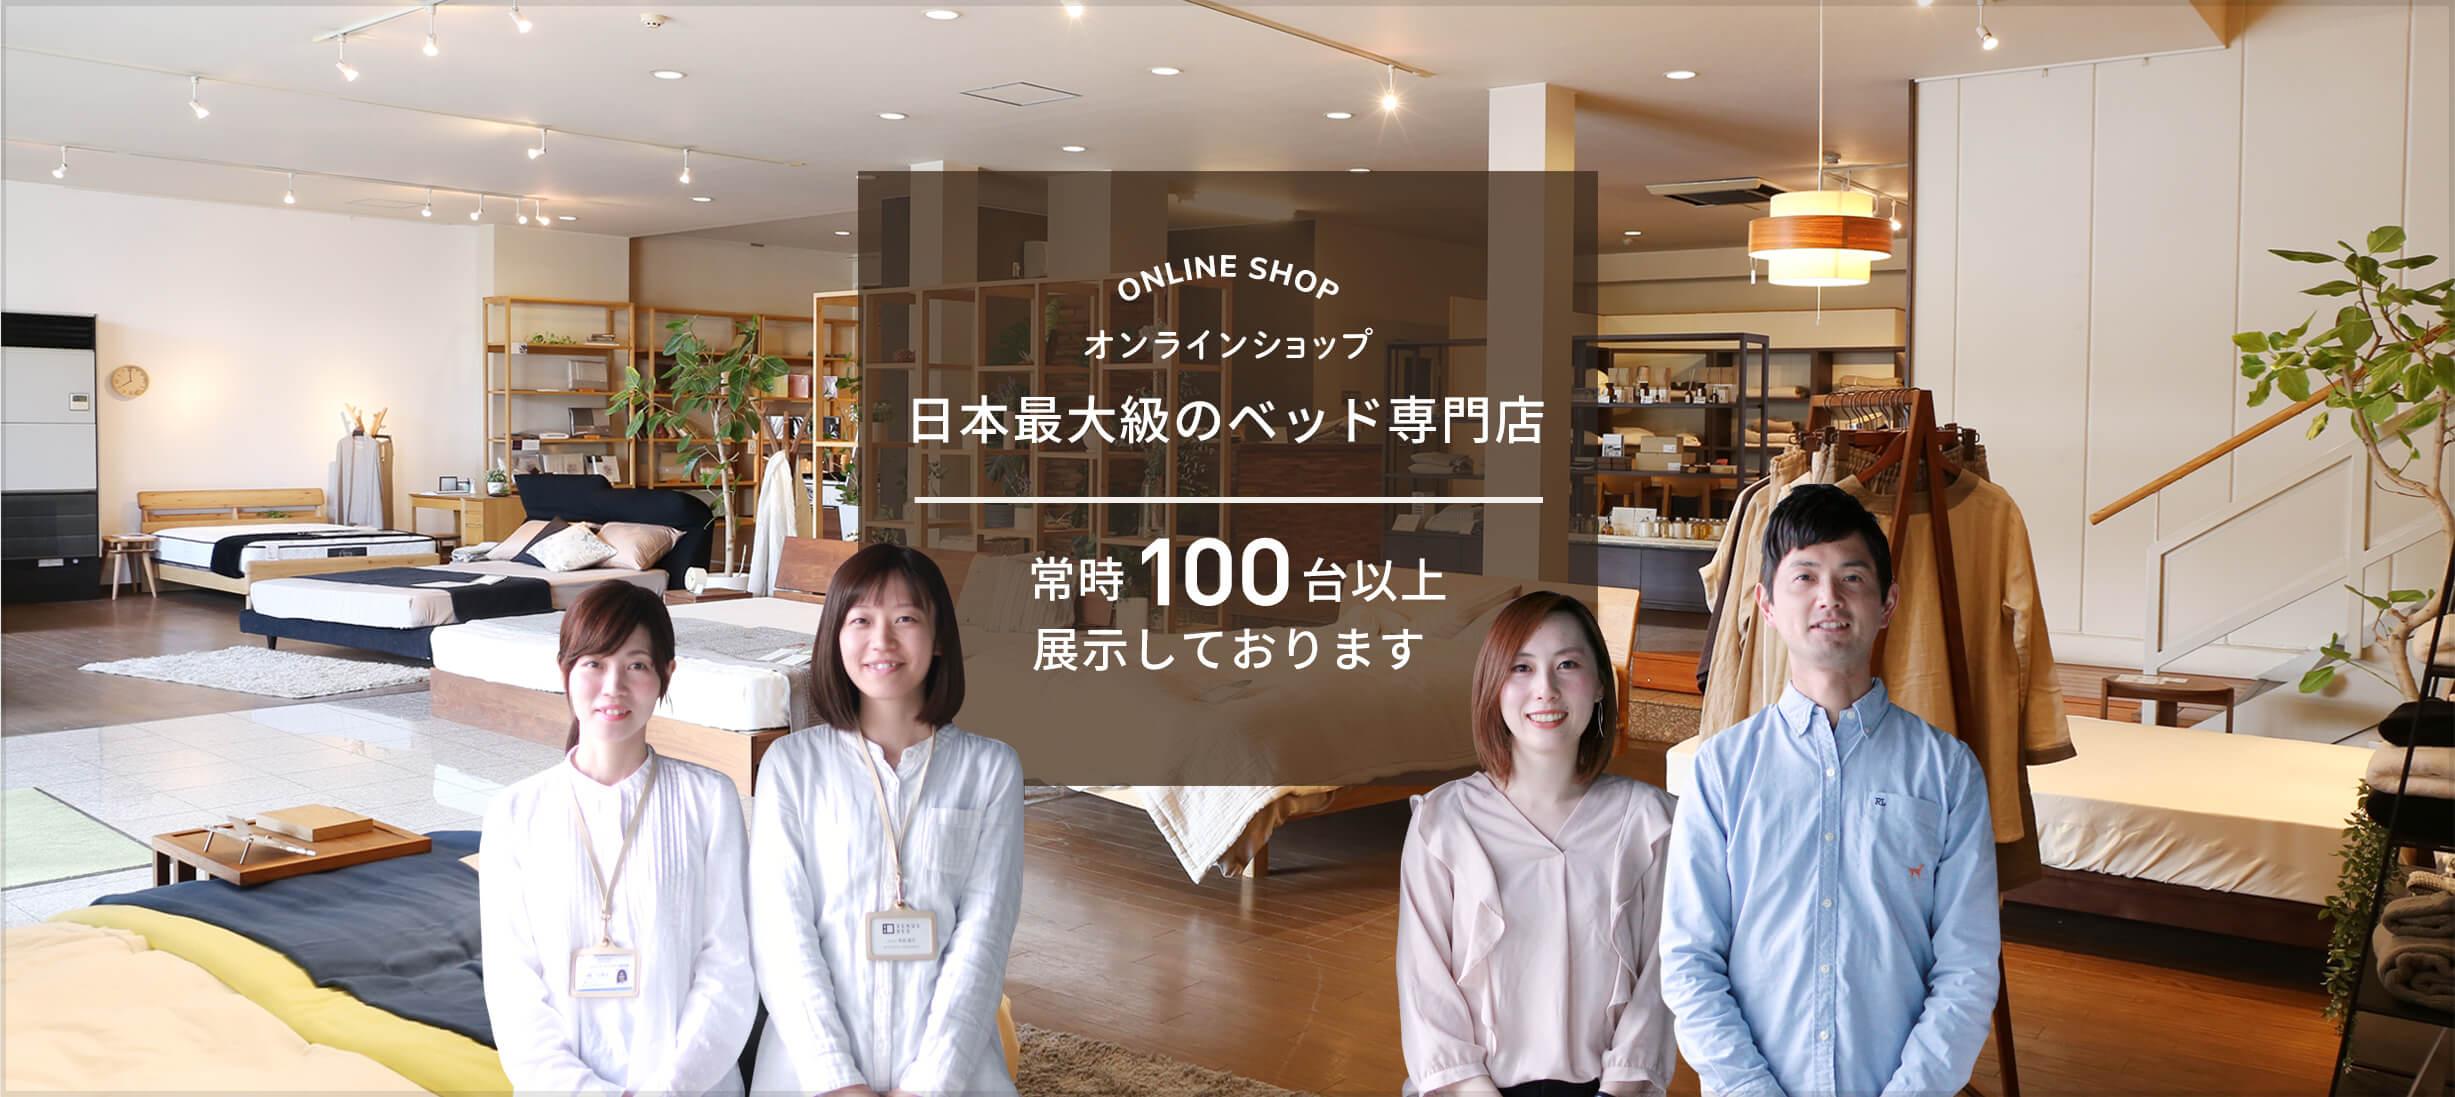 オンラインショップ 日本最大級のベッド専門店 ビーナスベッド